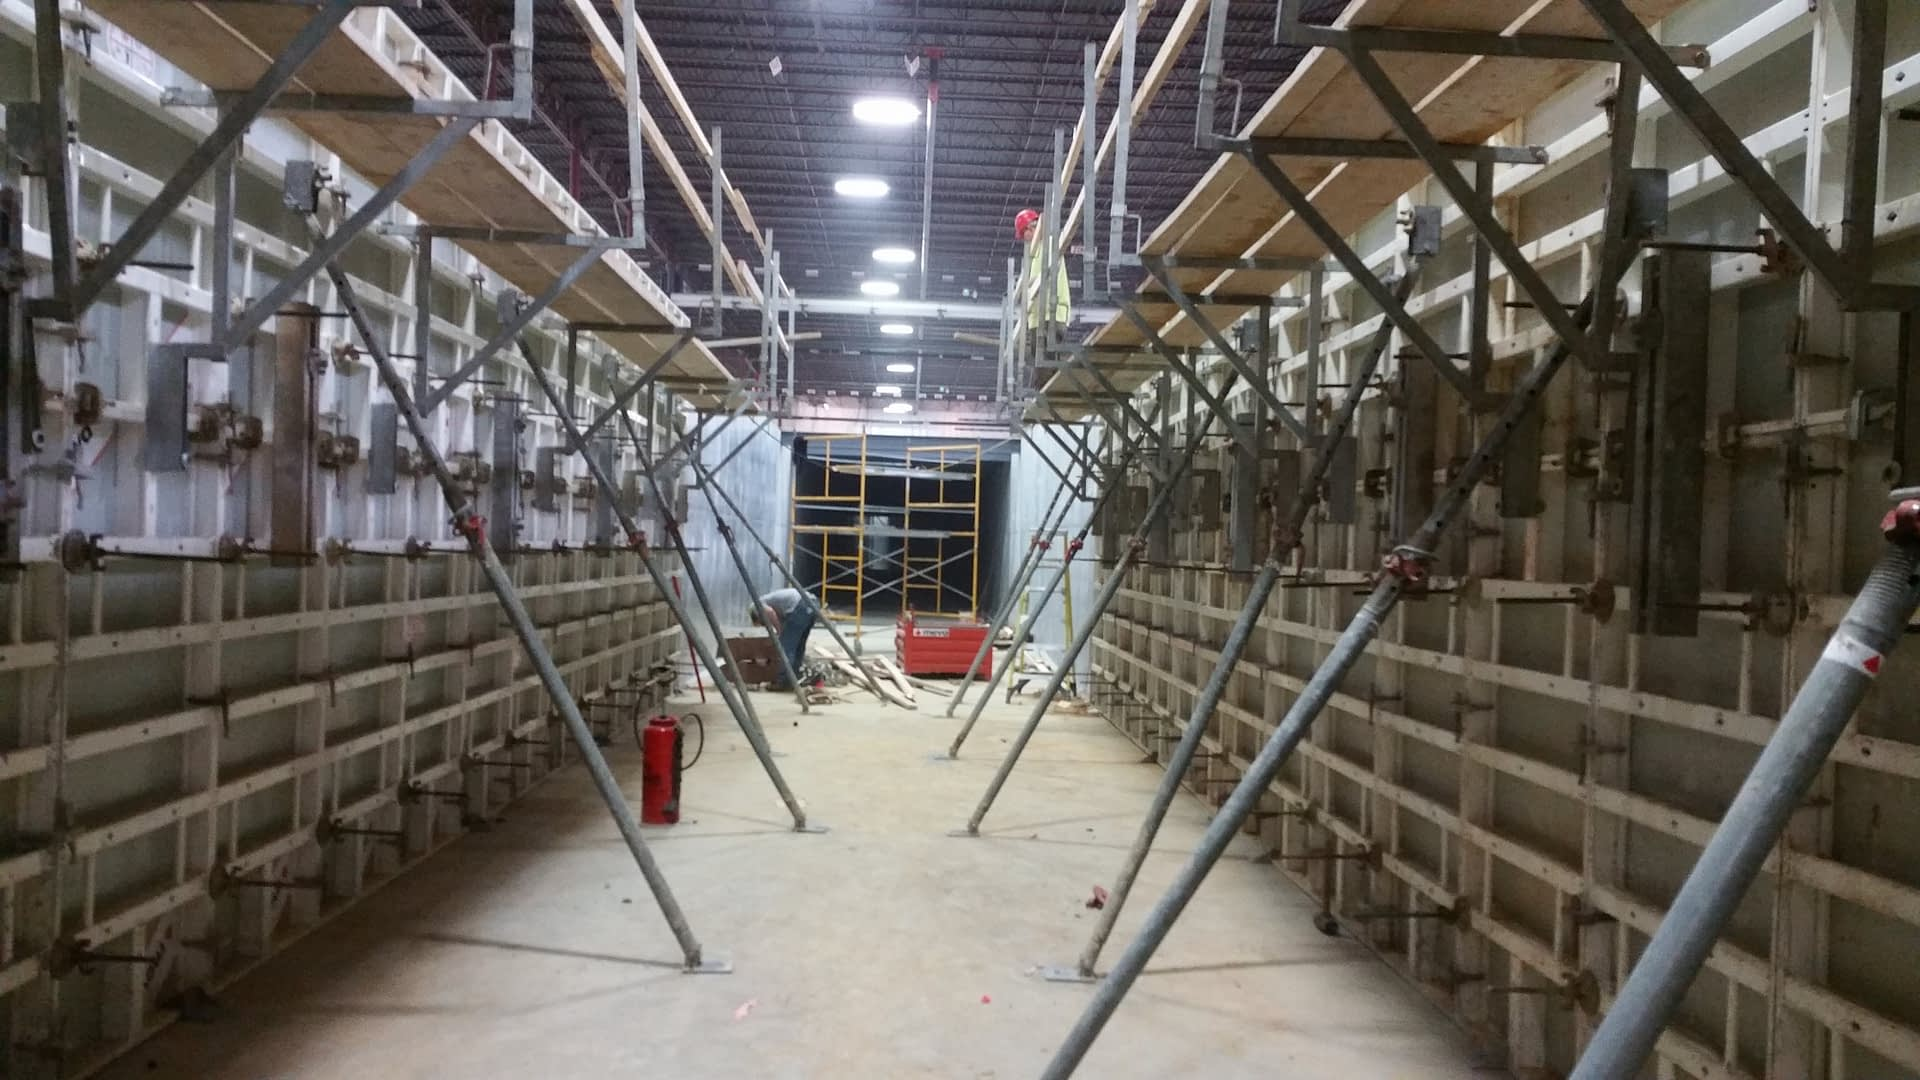 Local Industrial Plant - Interior 2